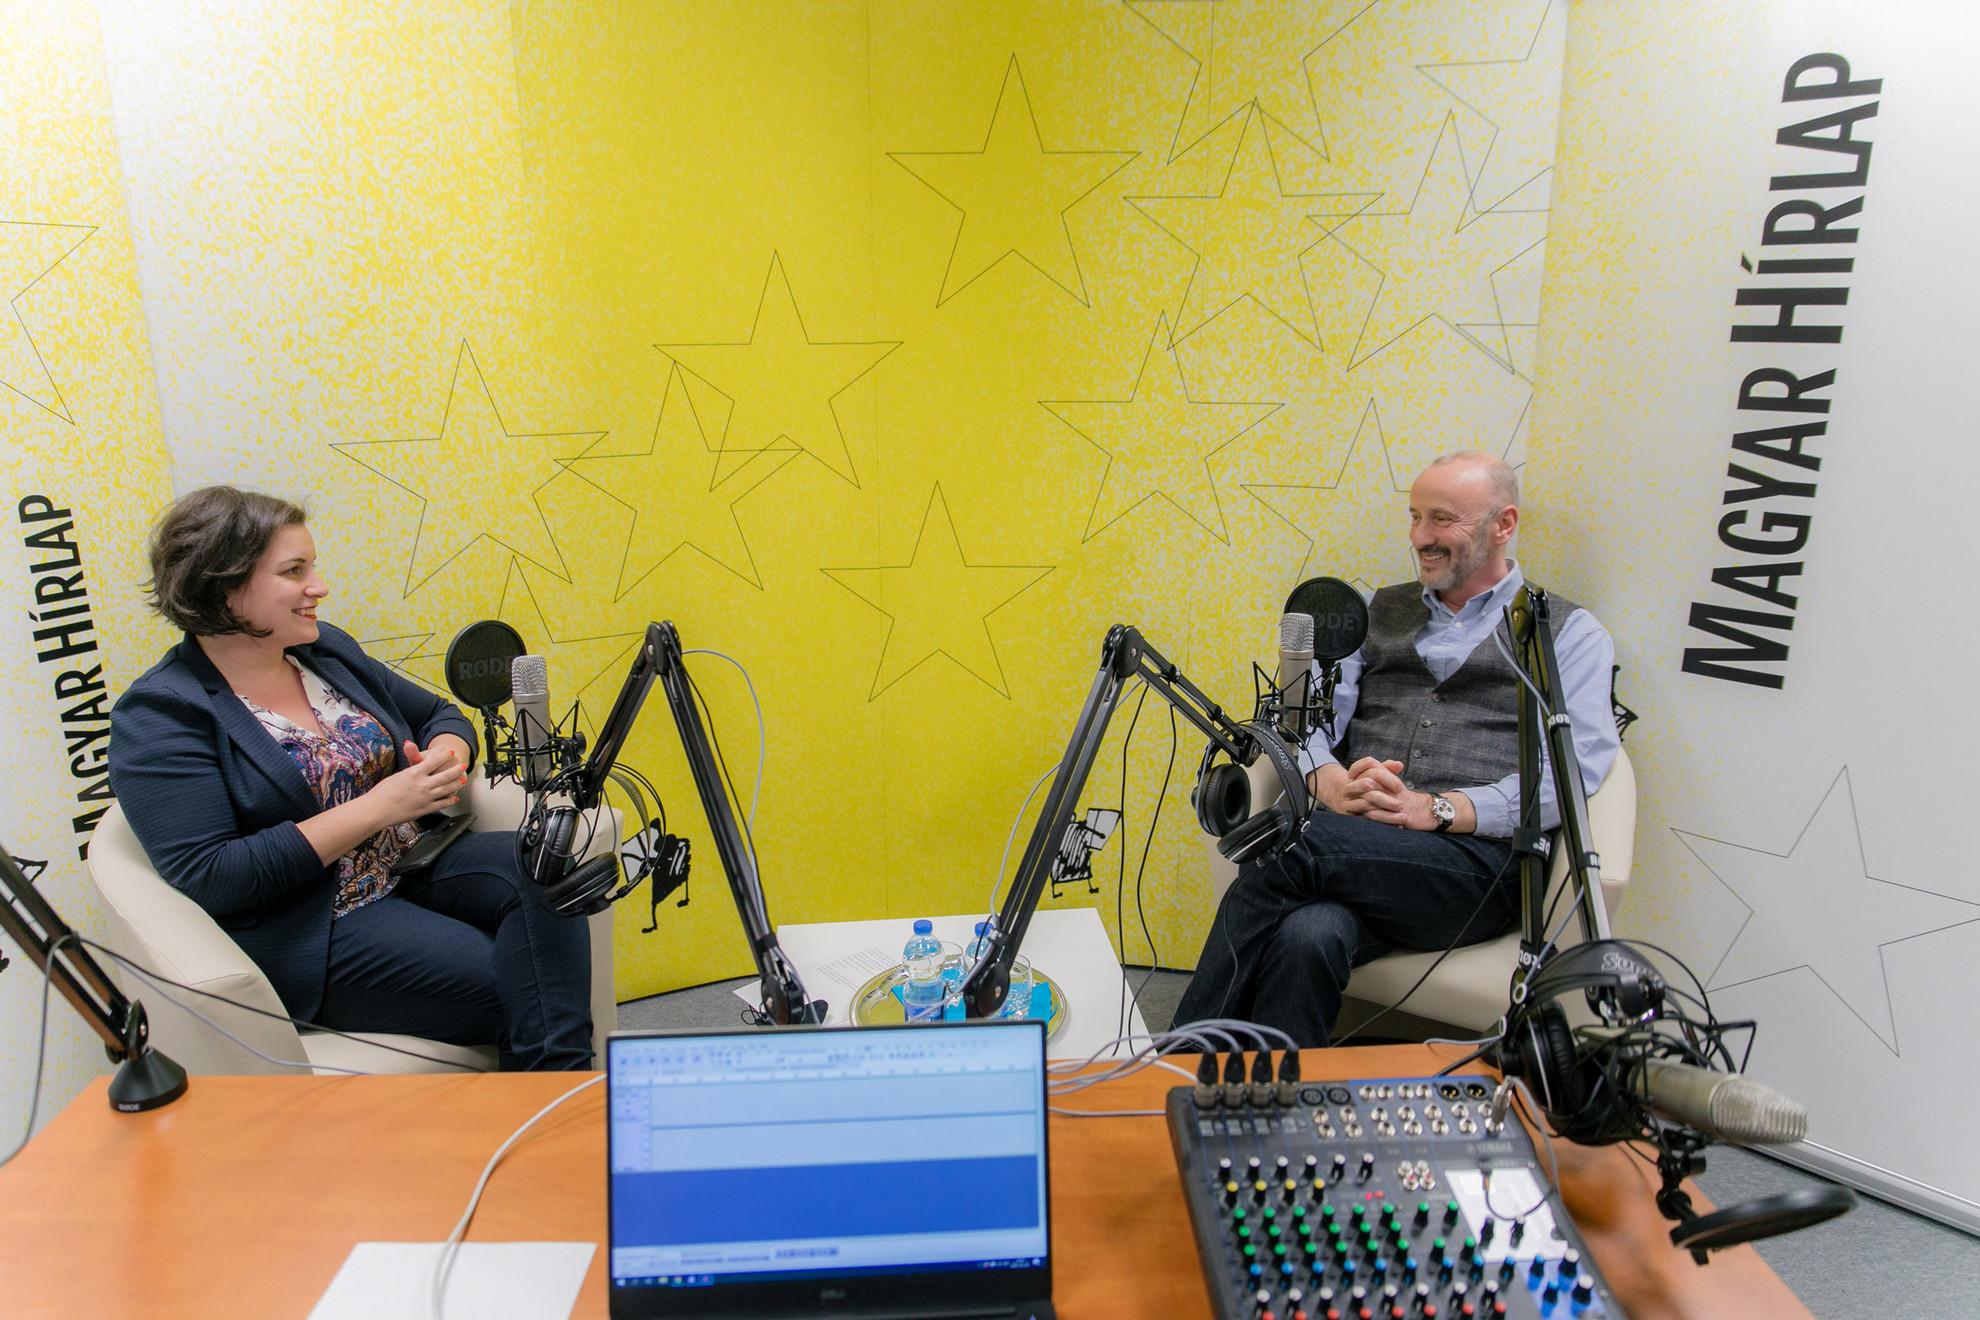 Lapunk főmunkatársa, Őry Mariann és Horváth József, az Alapjogokért Központ biztonságpolitikai tanácsadója a Faktumban